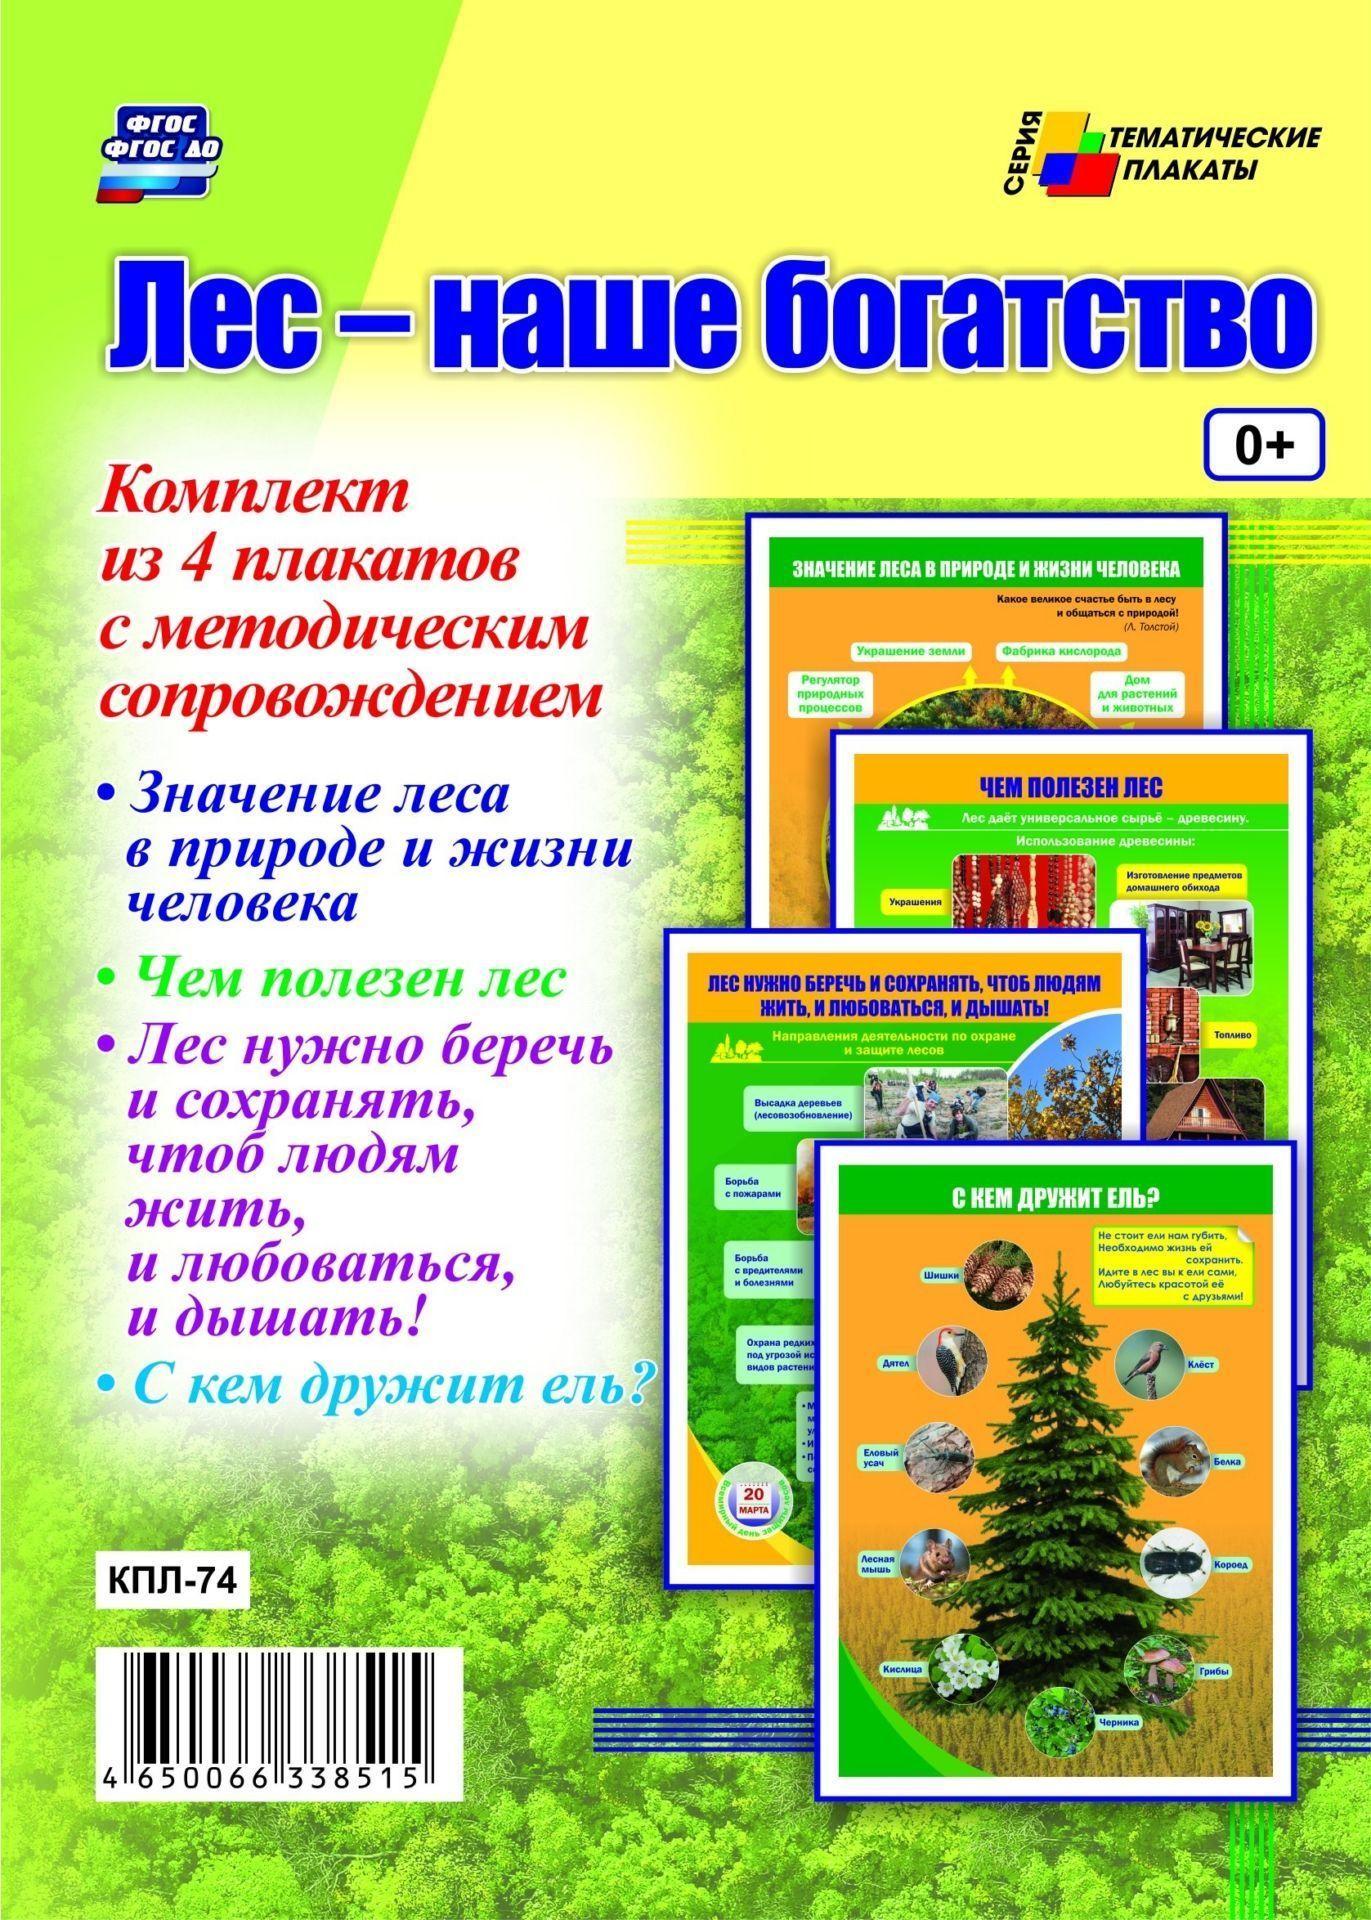 Комплект плакатов Лес - наше богатство: 4 плаката с методическим сопровождениемТематические плакаты<br>.<br><br>Год: 2017<br>Серия: Тематические плакаты<br>Высота: 297<br>Ширина: 420